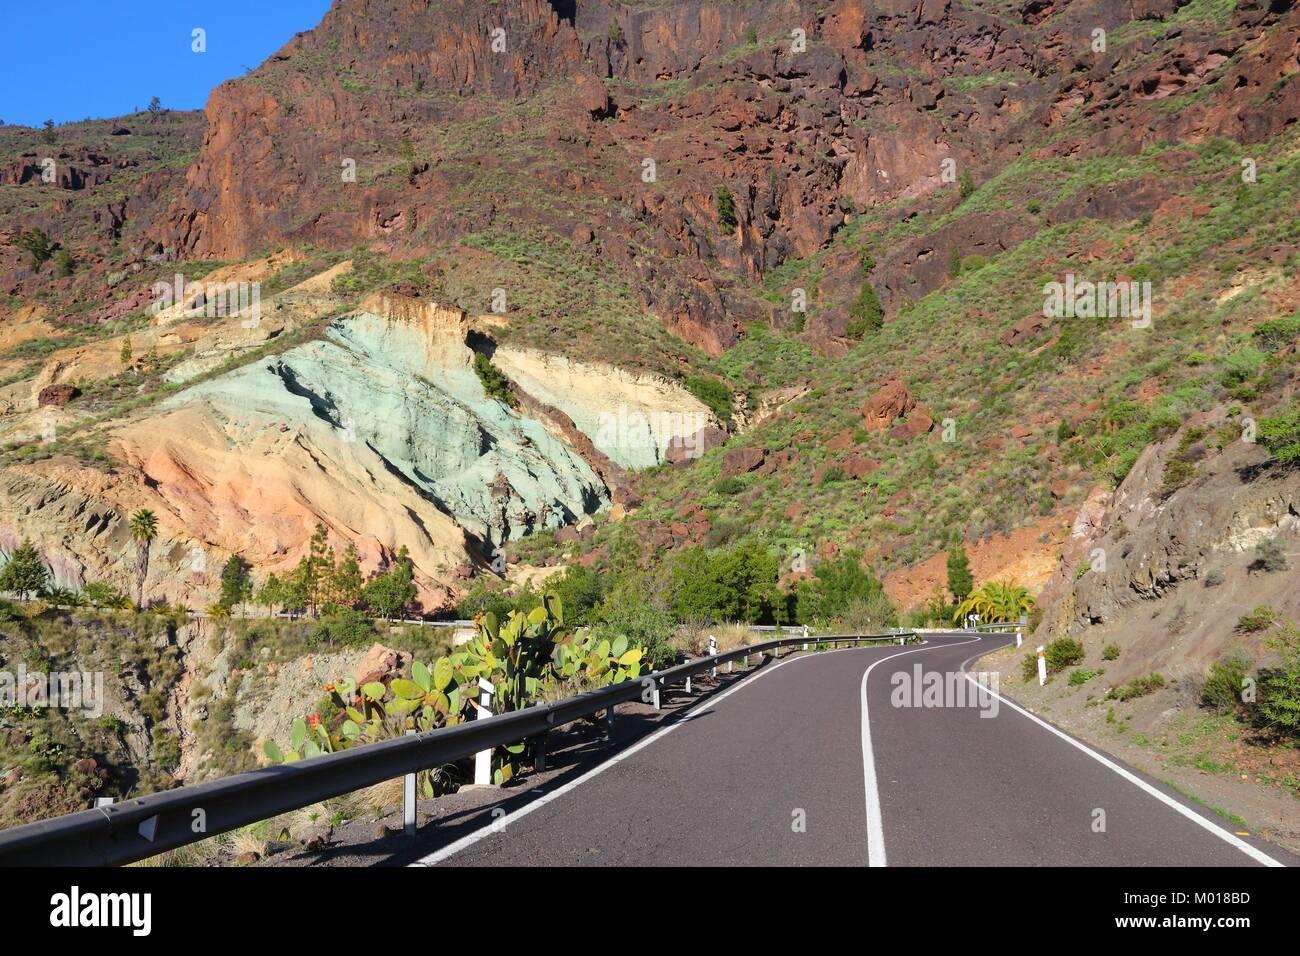 Los azulejos stock photos los azulejos stock images alamy - Los azulejos gran canaria ...